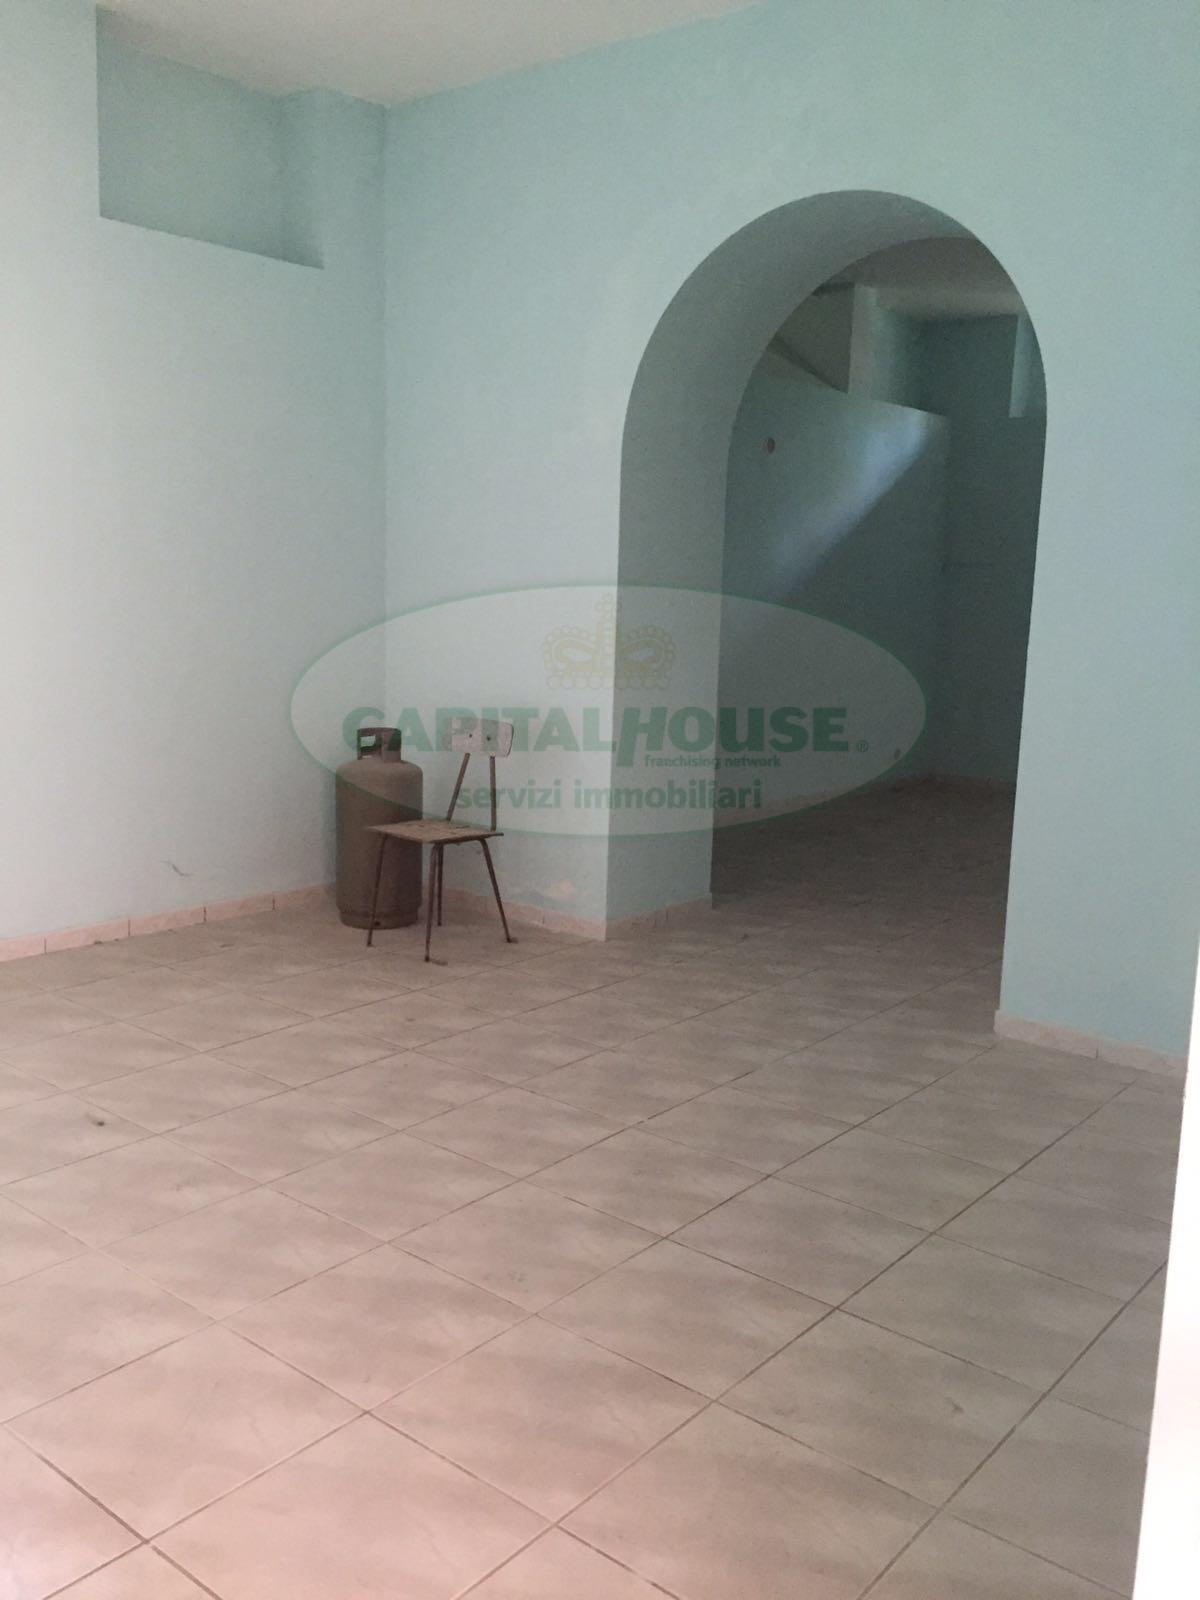 8112 casa semindipendente in affitto vendita a avellino for Case affitto avellino arredate